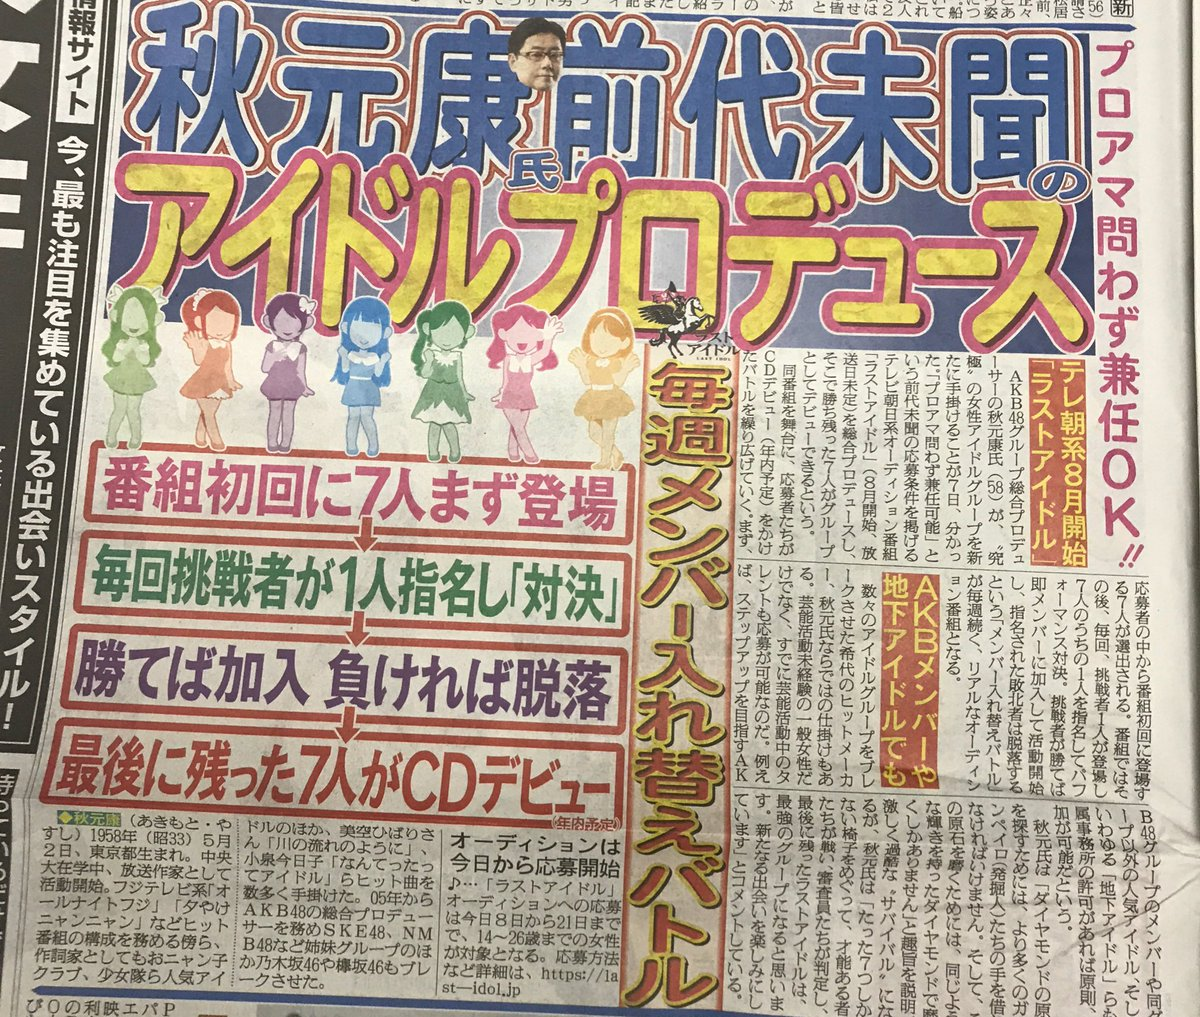 【速報】秋元康が新たなアイドルグループ発掘番組を手がける模様wwwwwww